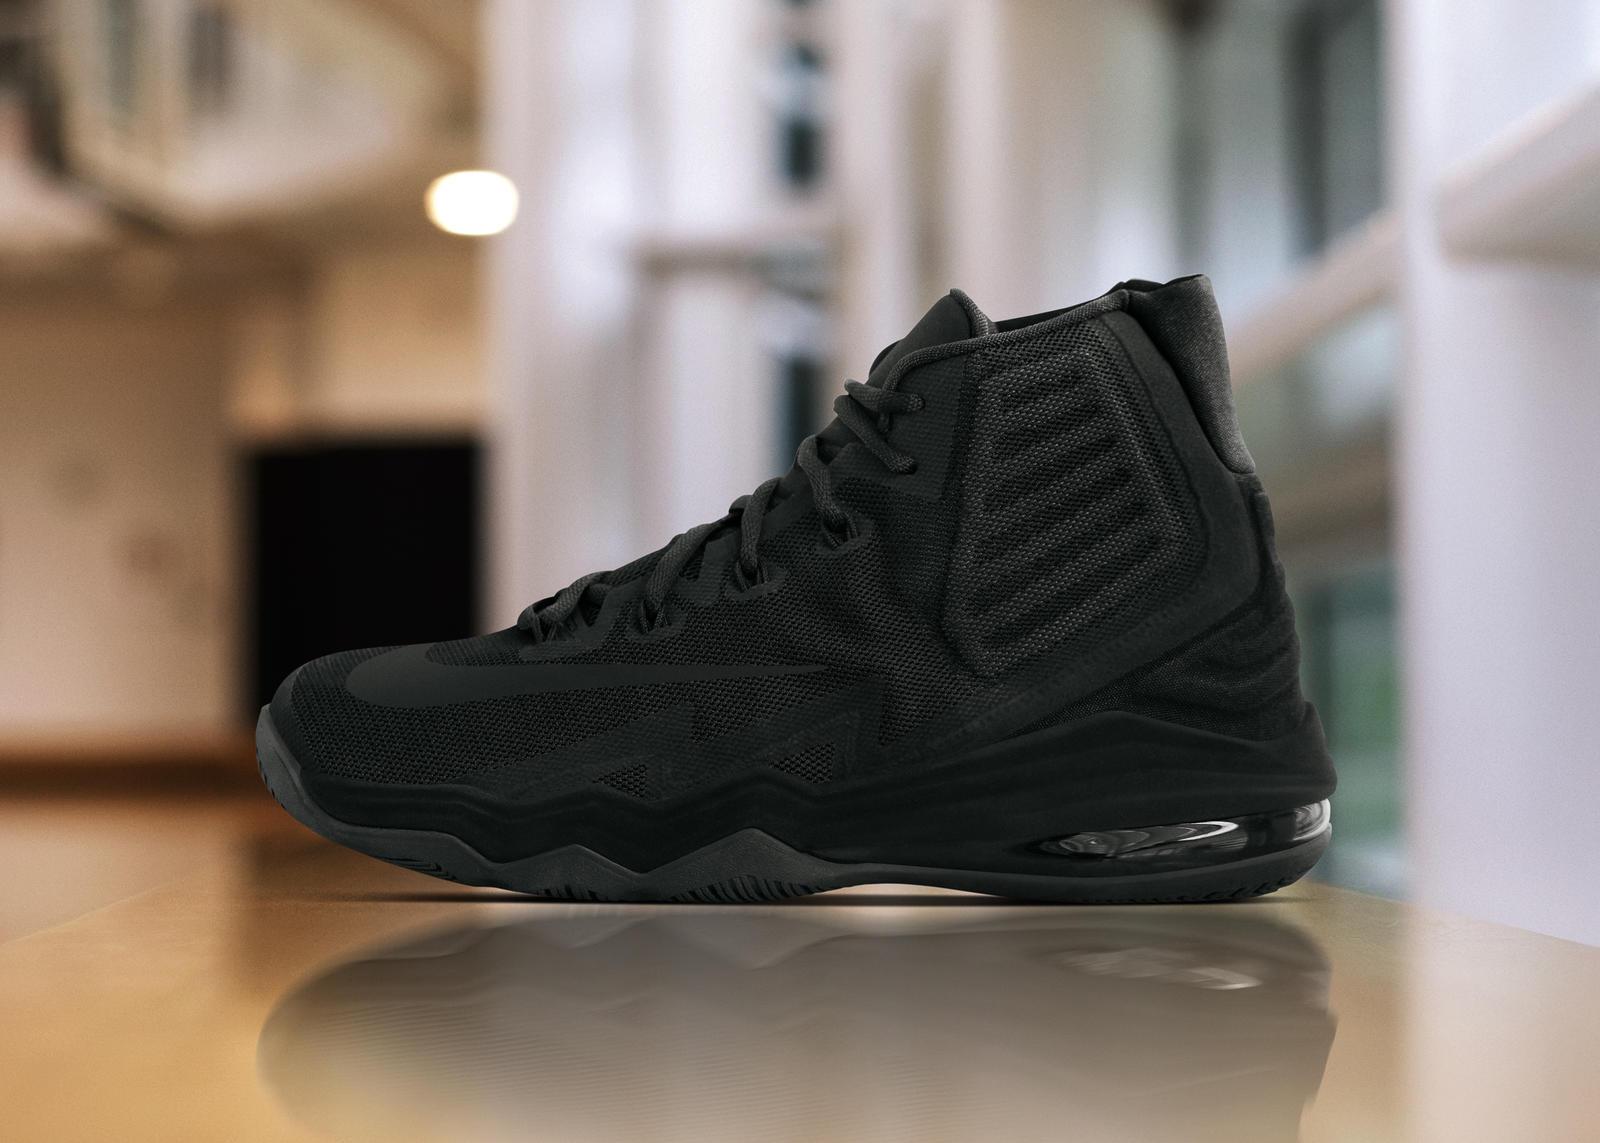 Messieurs / Jordan Dames Nike et Jordan / Brand d TraiteHommes t fin qualité stable Emballage élégant et stable 54e6a4